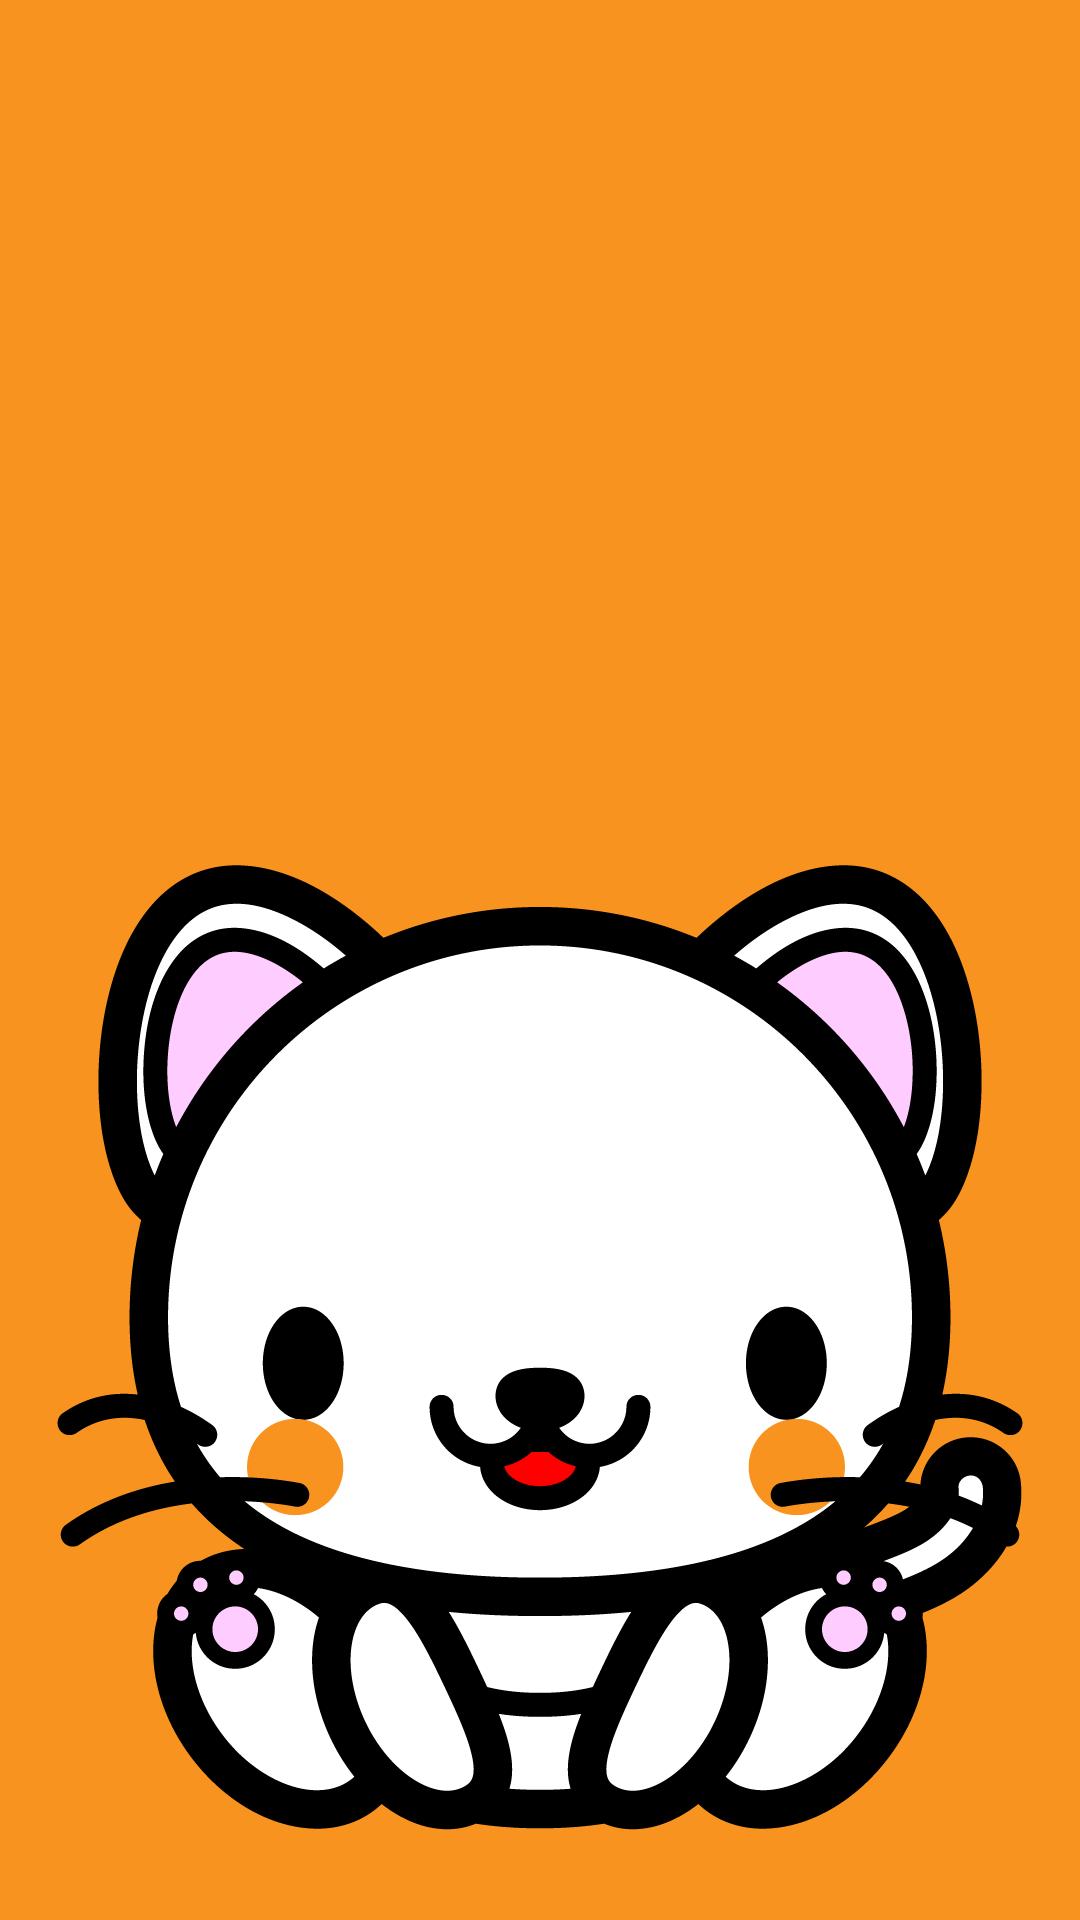 かわいい座り白猫壁紙(iPhone)の無料イラスト・商用フリー